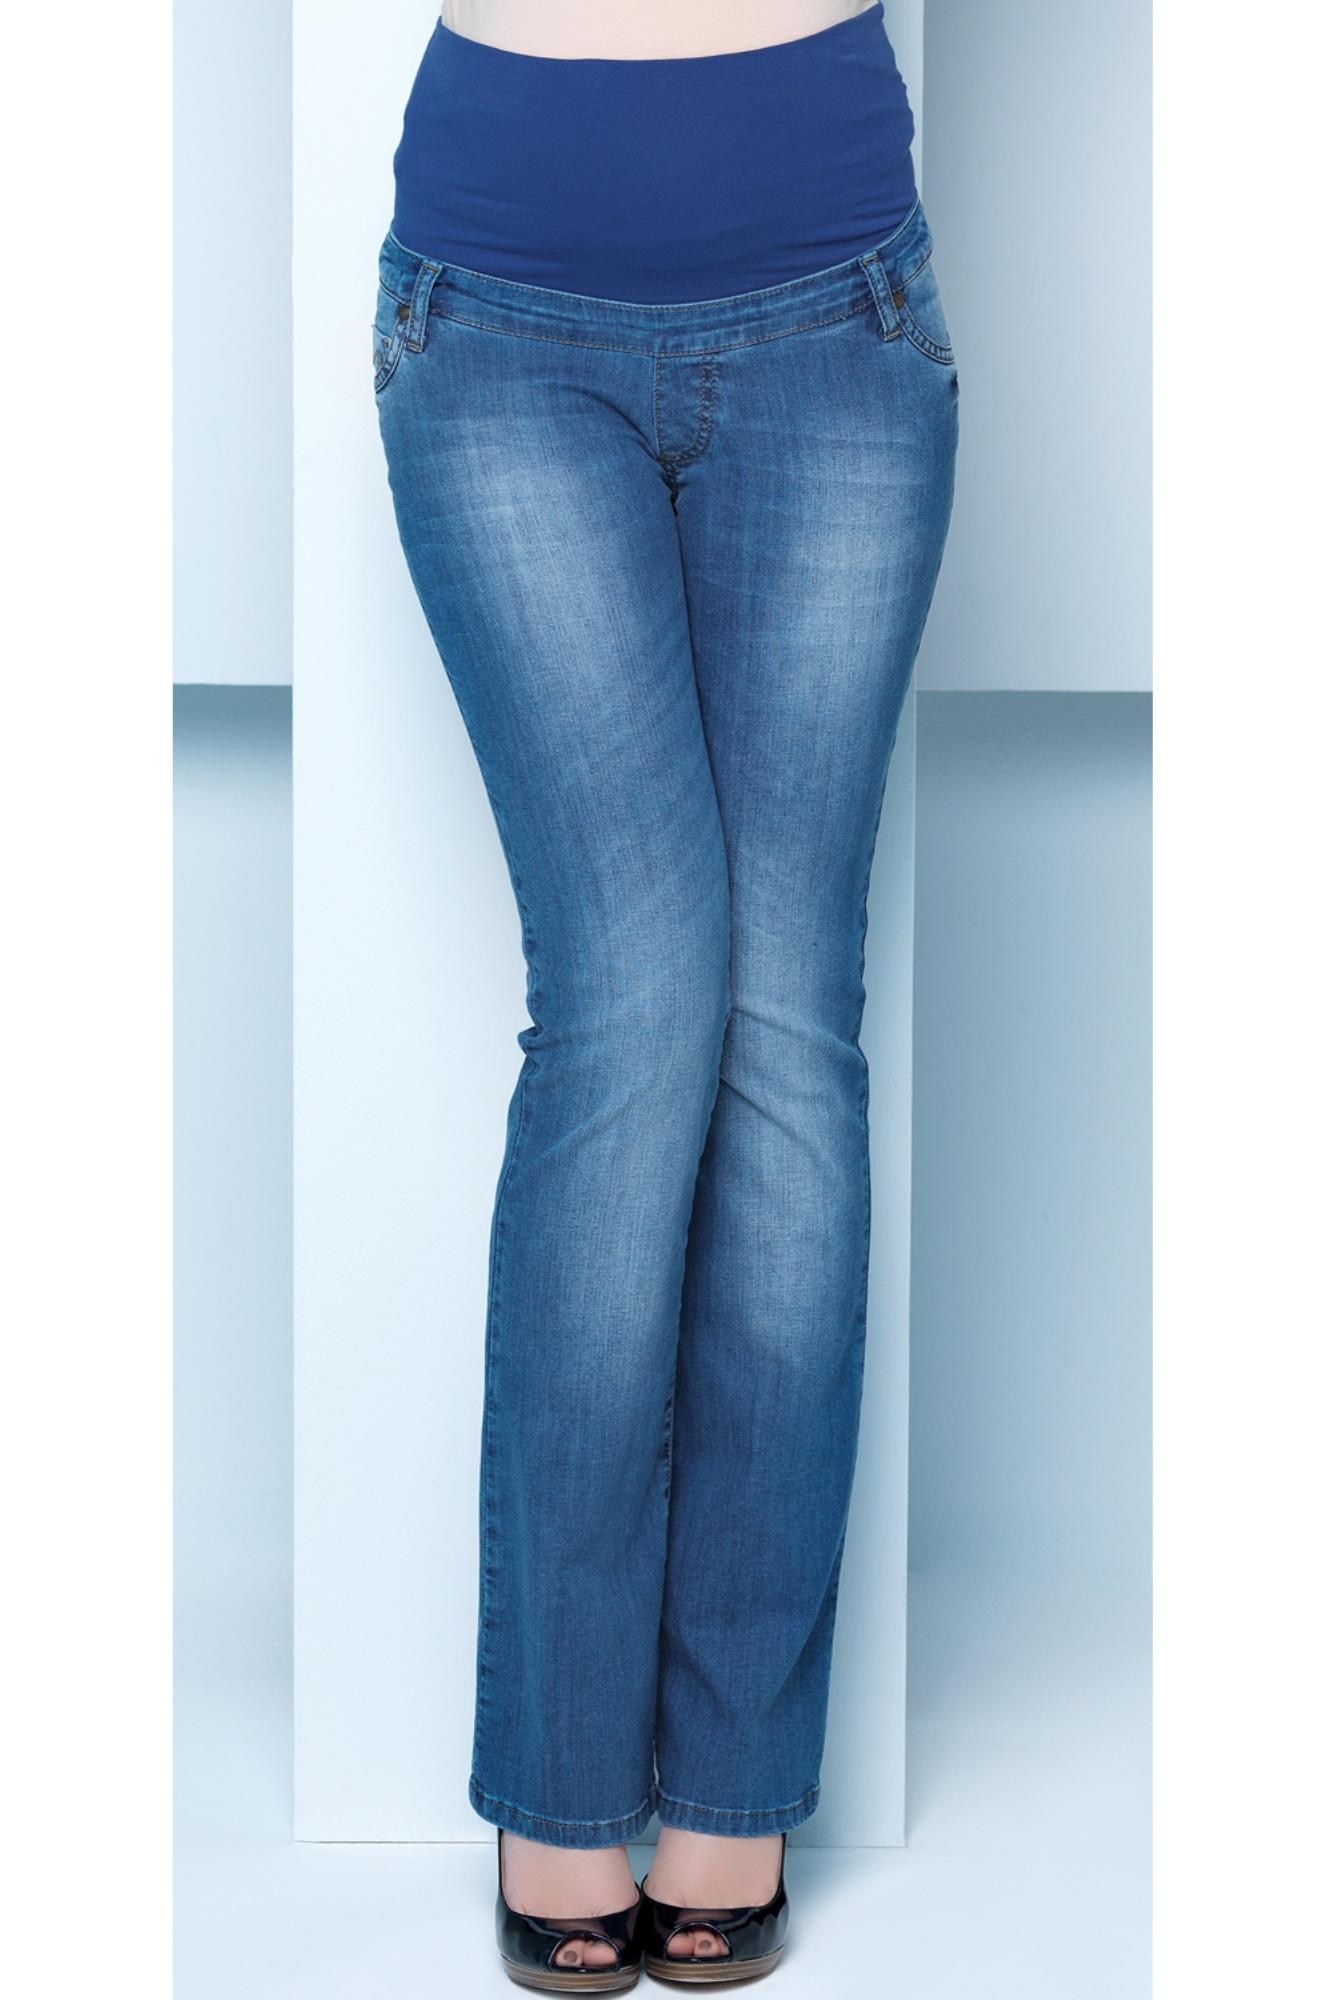 Фото джинсы для беременных EBRU, расклешенные, широкий бандаж от магазина СкороМама, синий, размеры.